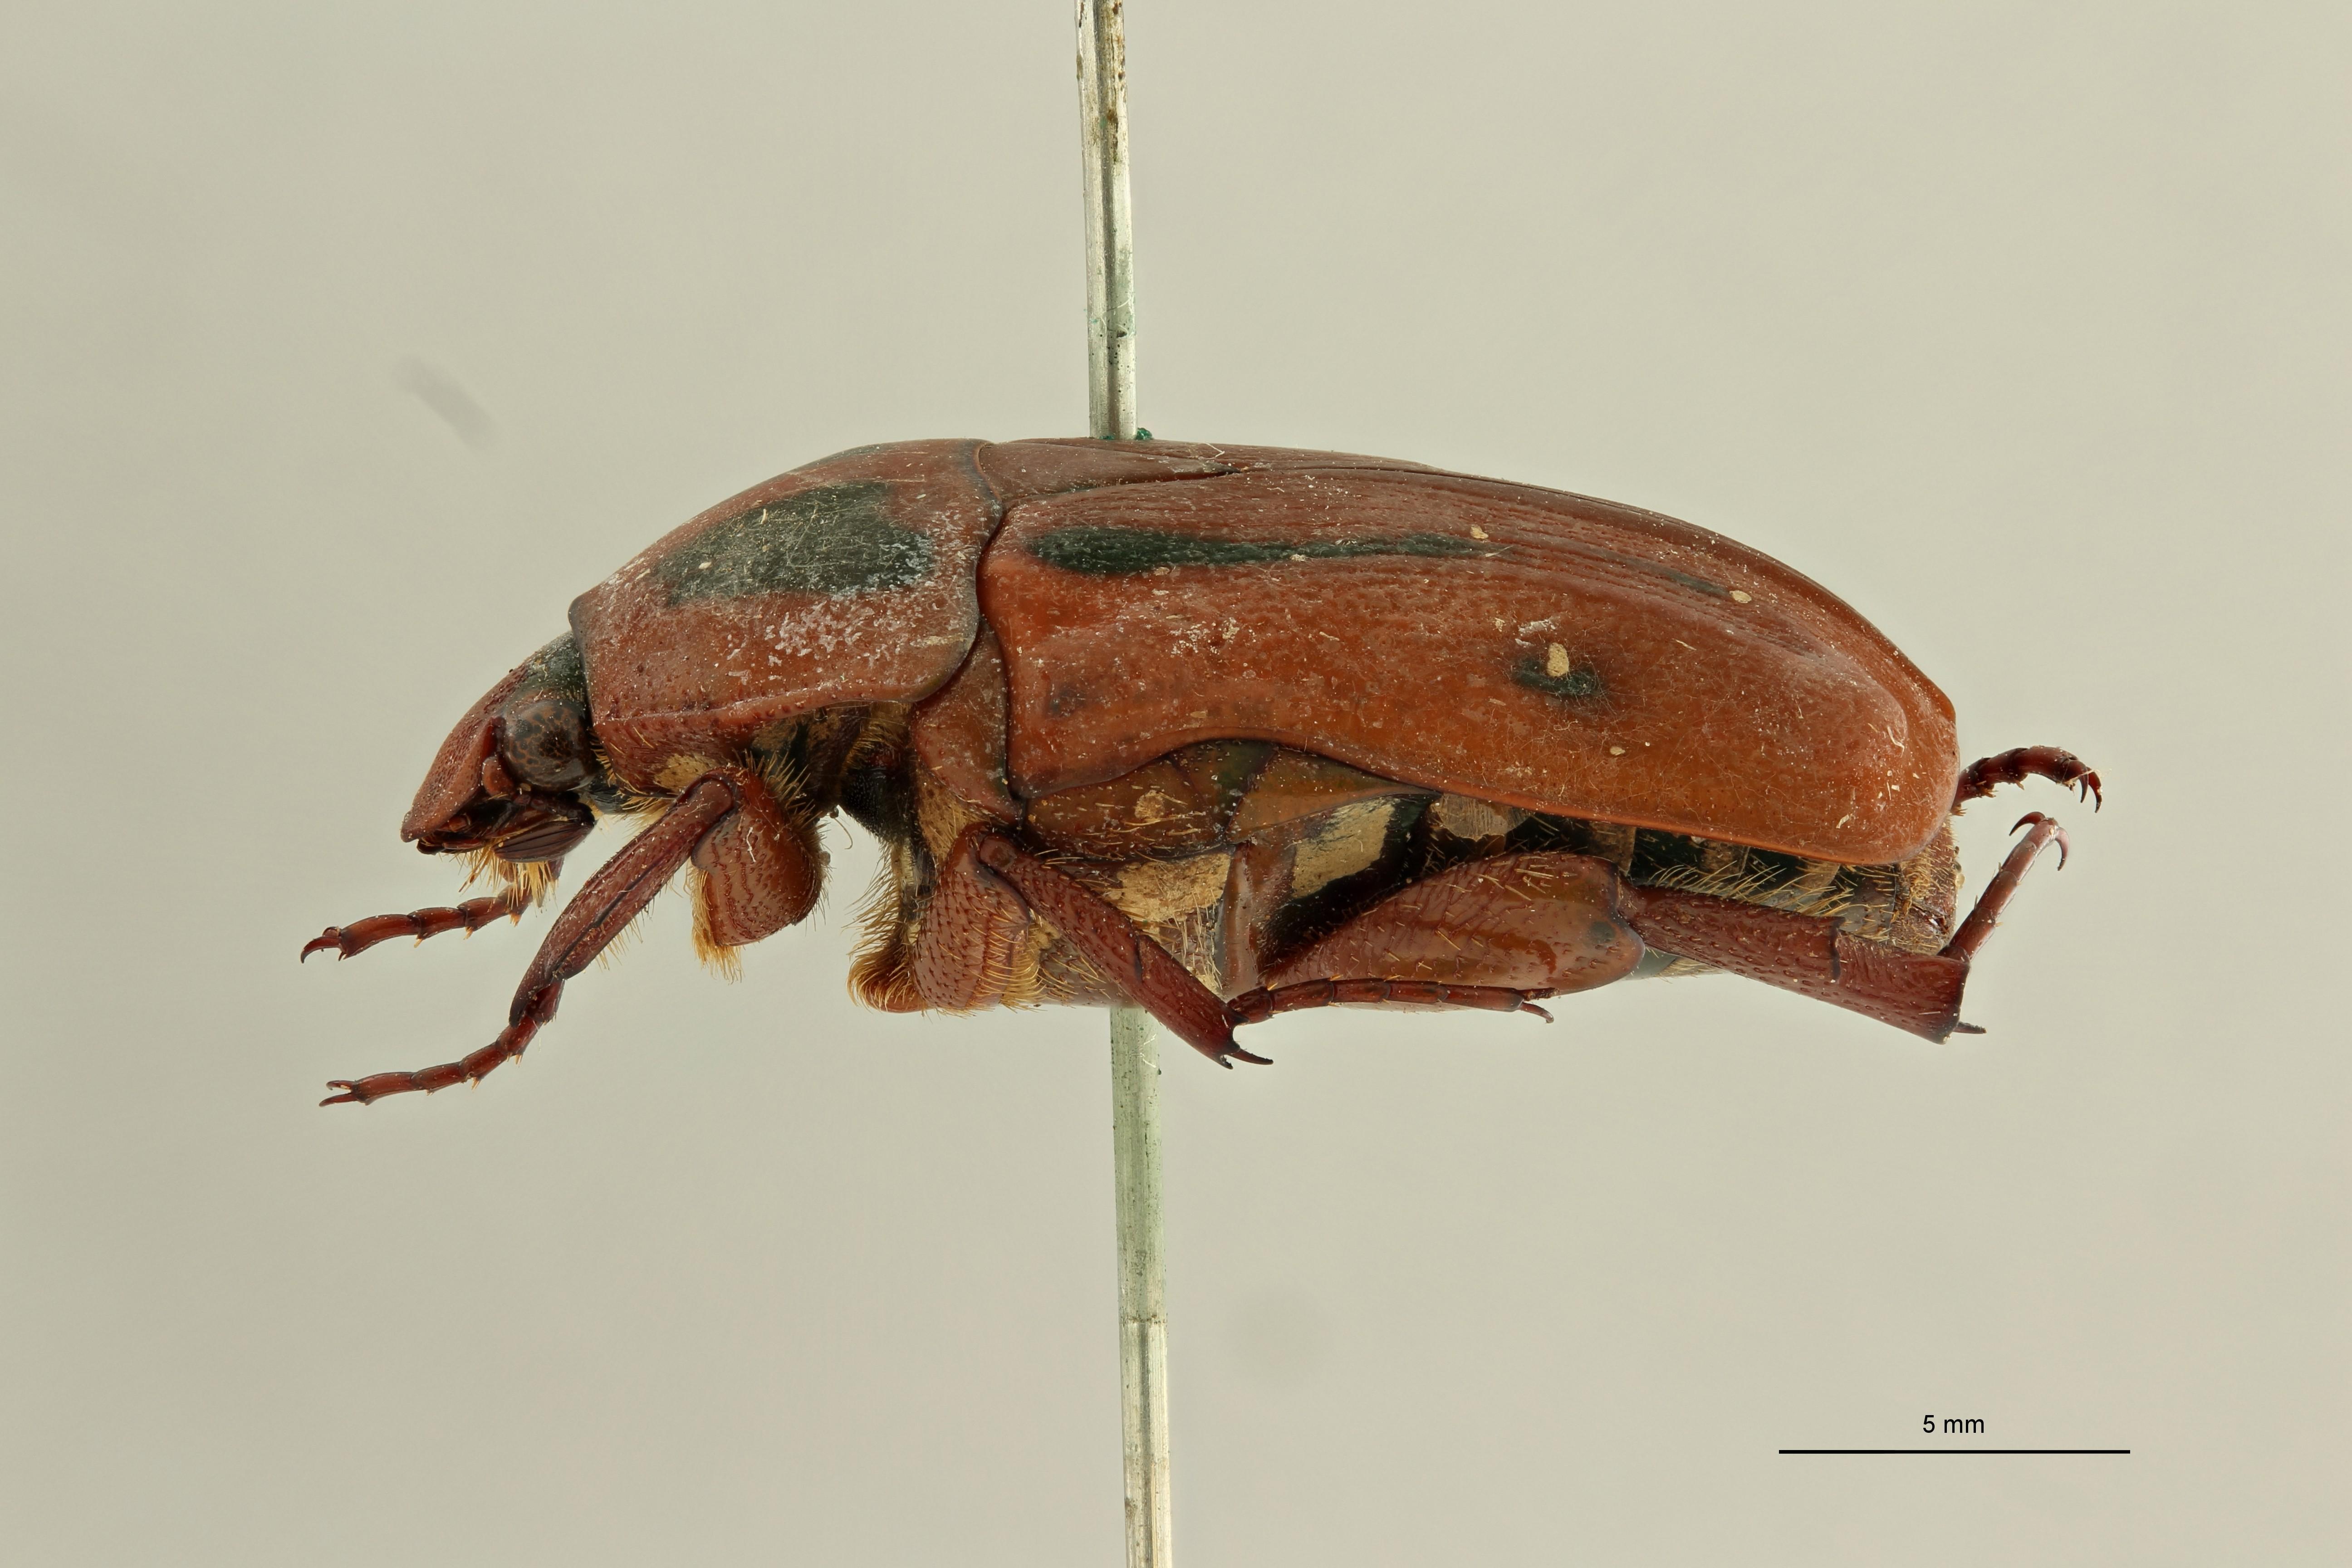 Pachnoda dimidiaticollis undatofasciata pt2 L ZS PMax Scaled.jpeg